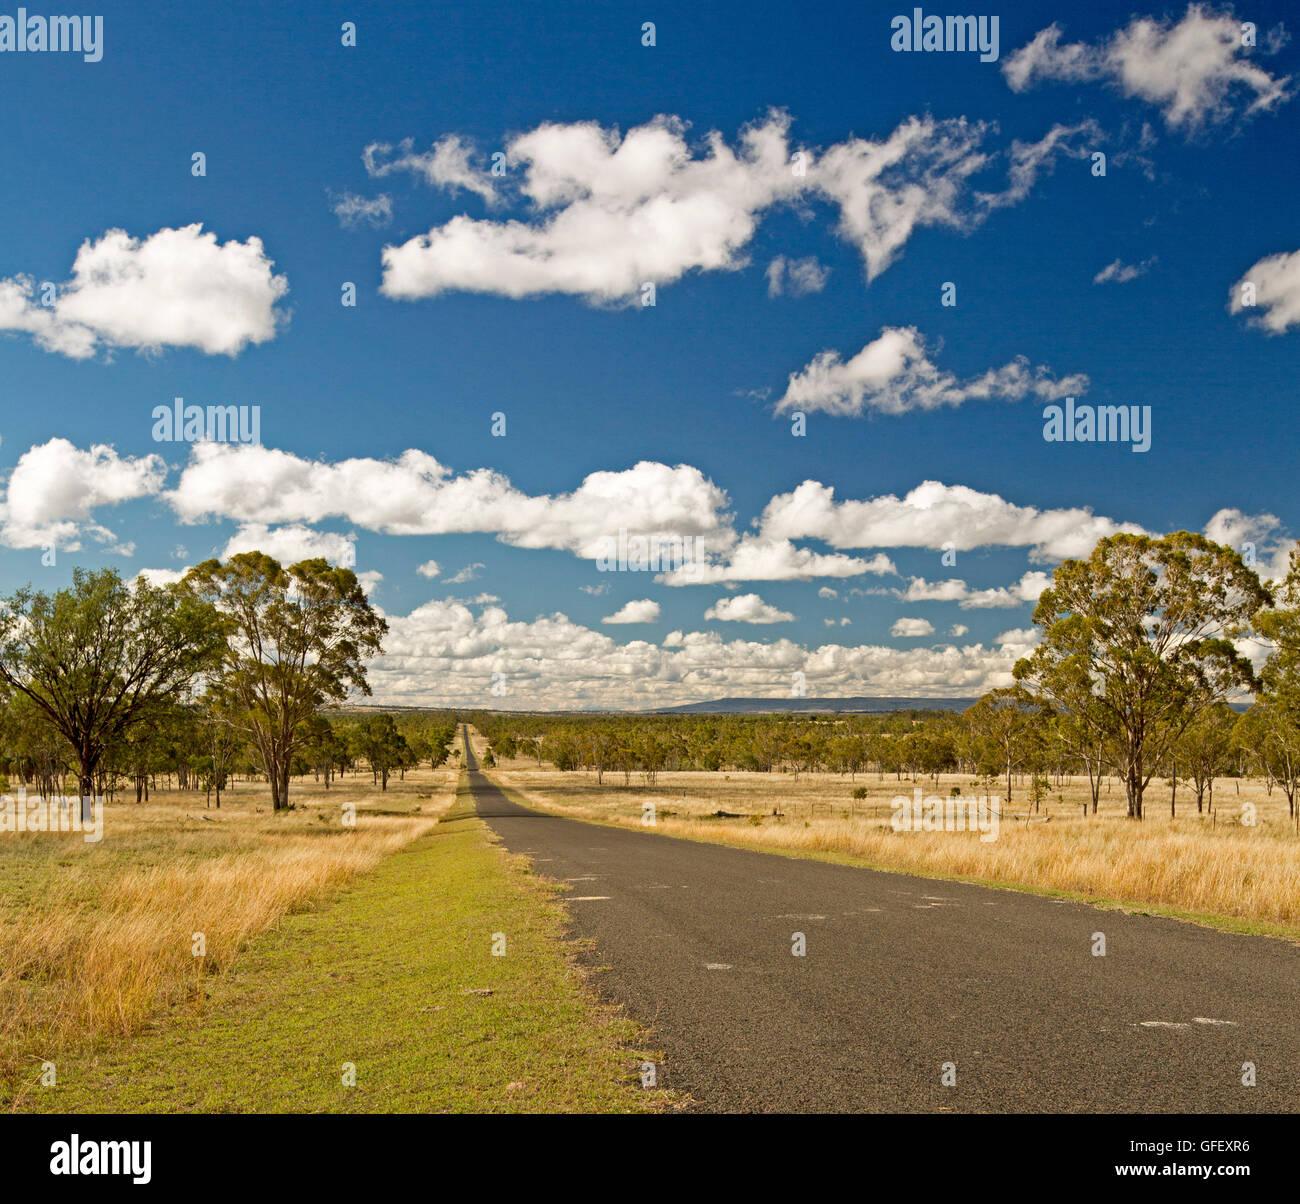 Longue ligne droite route menant à travers prairies et forêts d'eucalyptus golden outback de l'Australie Photo Stock